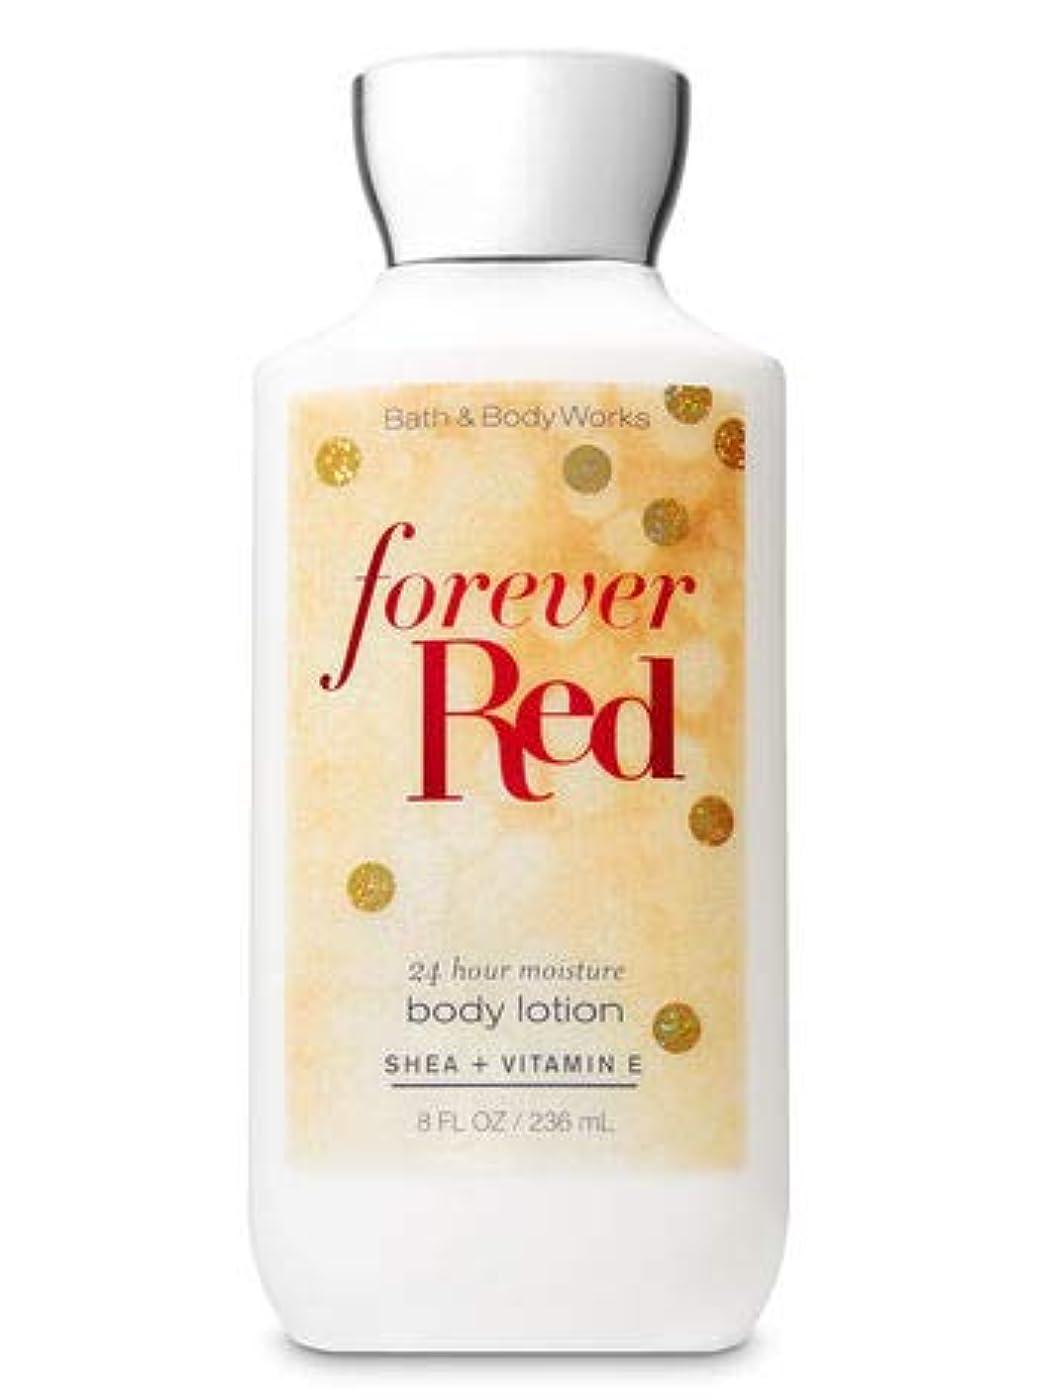 株式会社予言する物理【Bath&Body Works/バス&ボディワークス】 ボディローション フォーエバーレッド Super Smooth Body Lotion Forever Red 8 fl oz / 236 mL [並行輸入品]